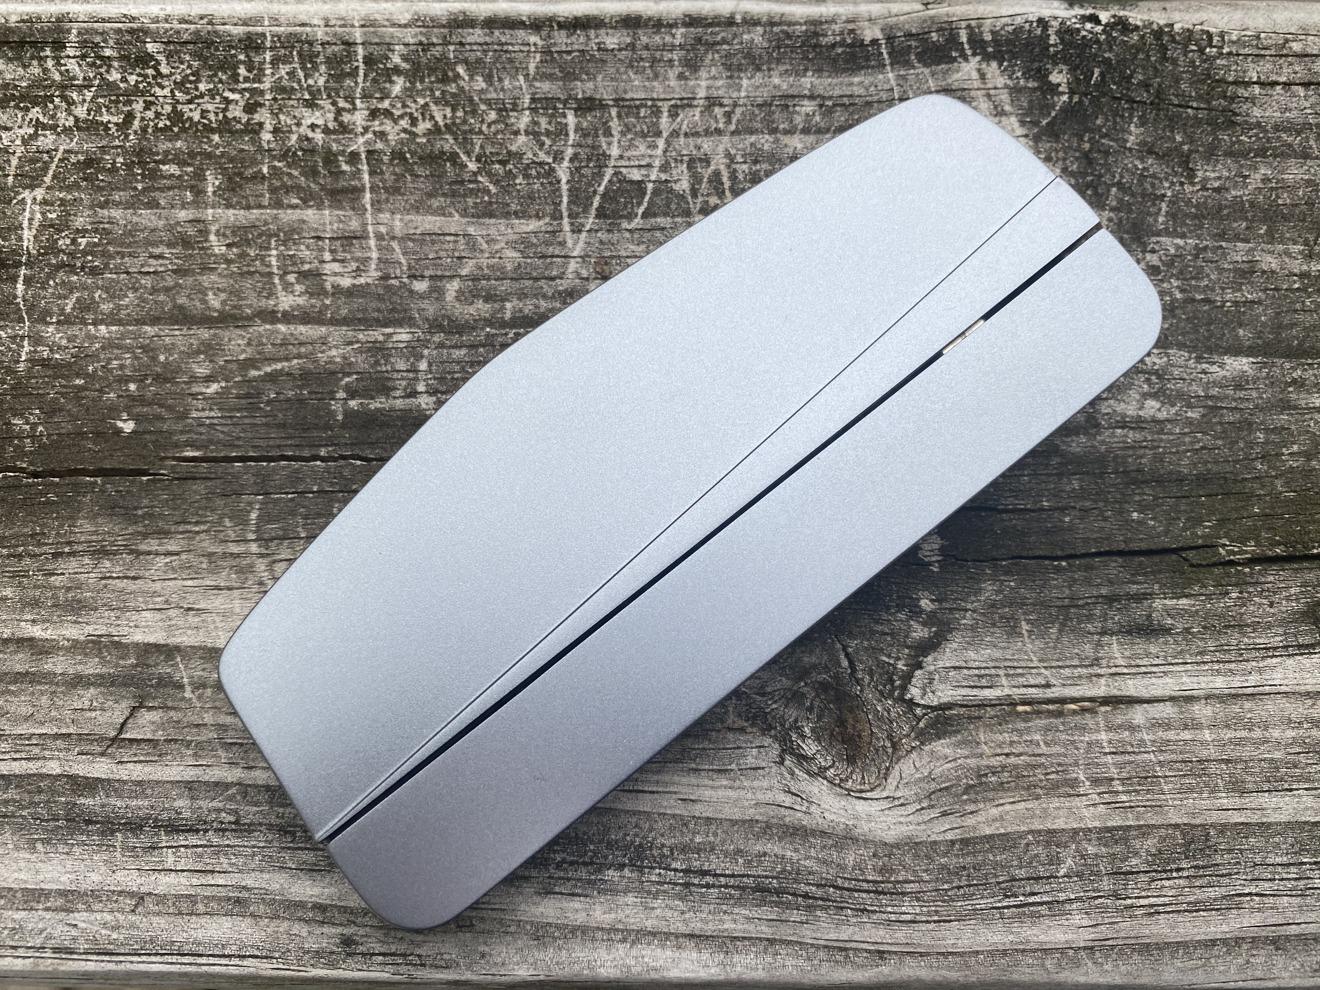 En el exterior, el HybridDrive tiene el mismo aspecto que casi todos los demás bases portátiles USB-C